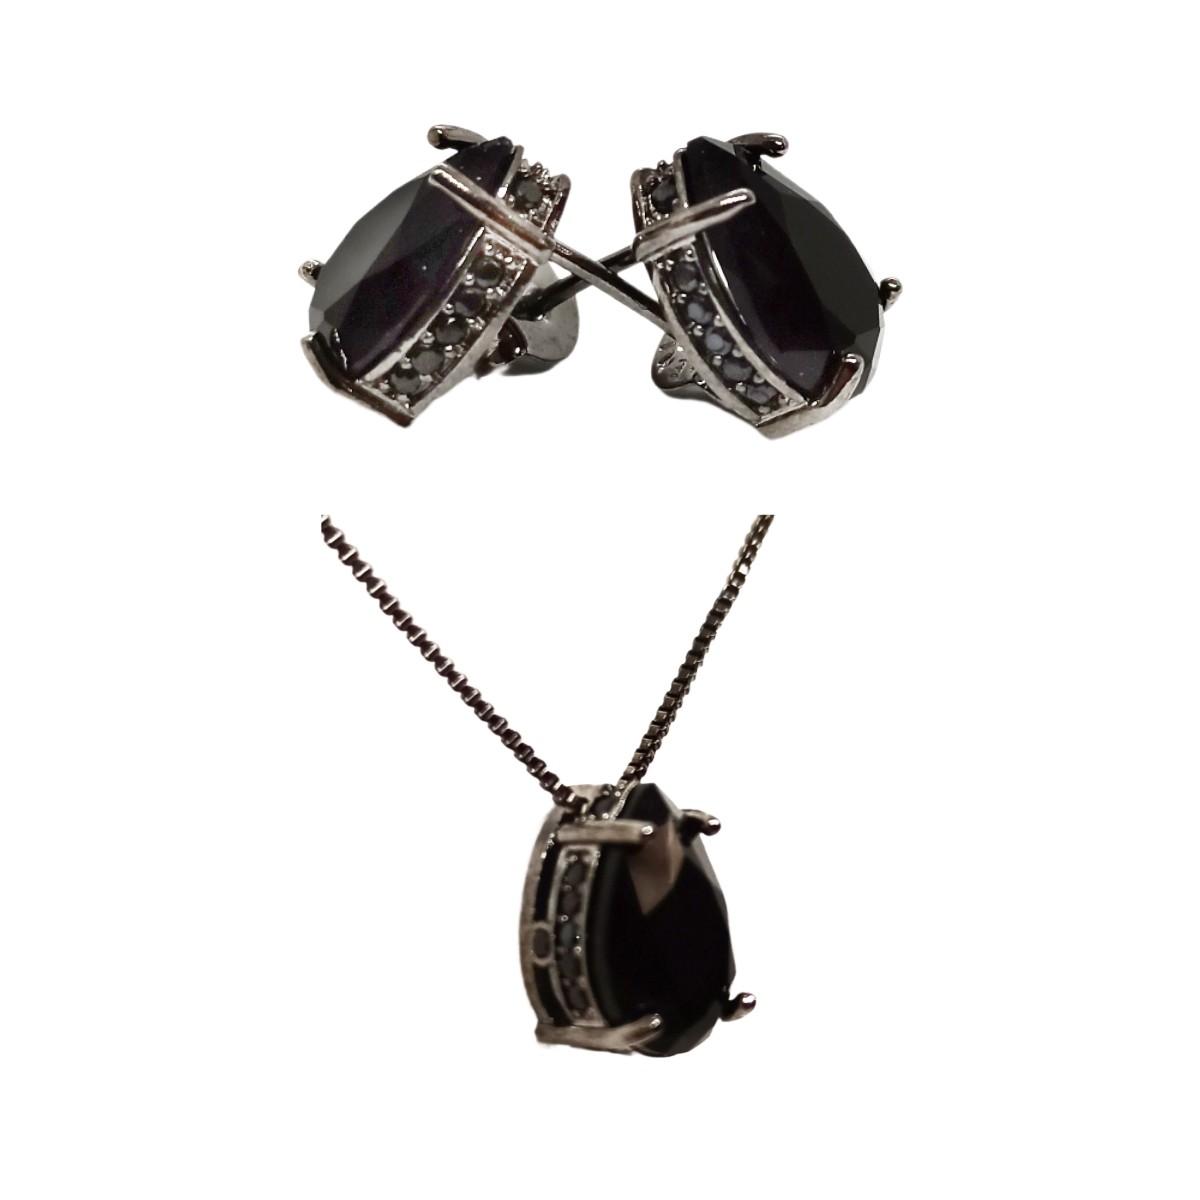 Conjunto Gota Delicado  8 x 12, Cravação Lateral Com Zircônias, Ródio Negro.